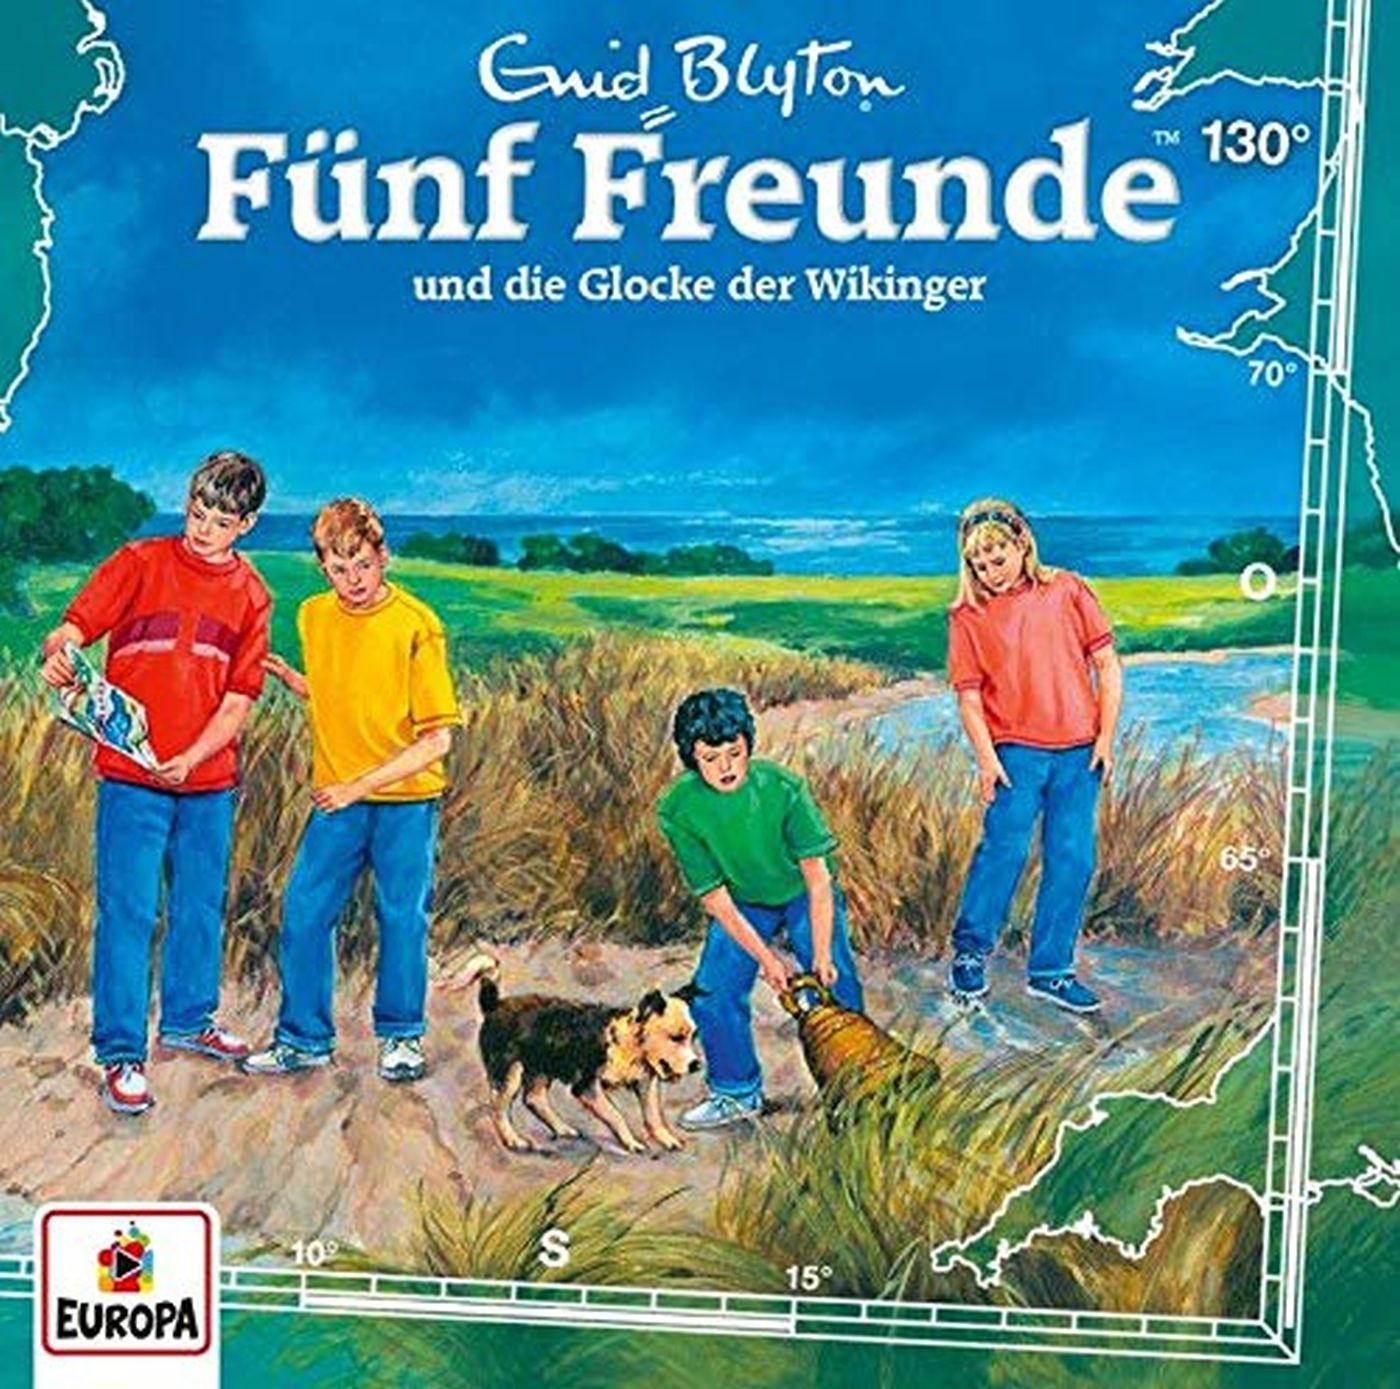 Fünf Freunde 130 Fünf Freunde und die Glocke der Wikinger